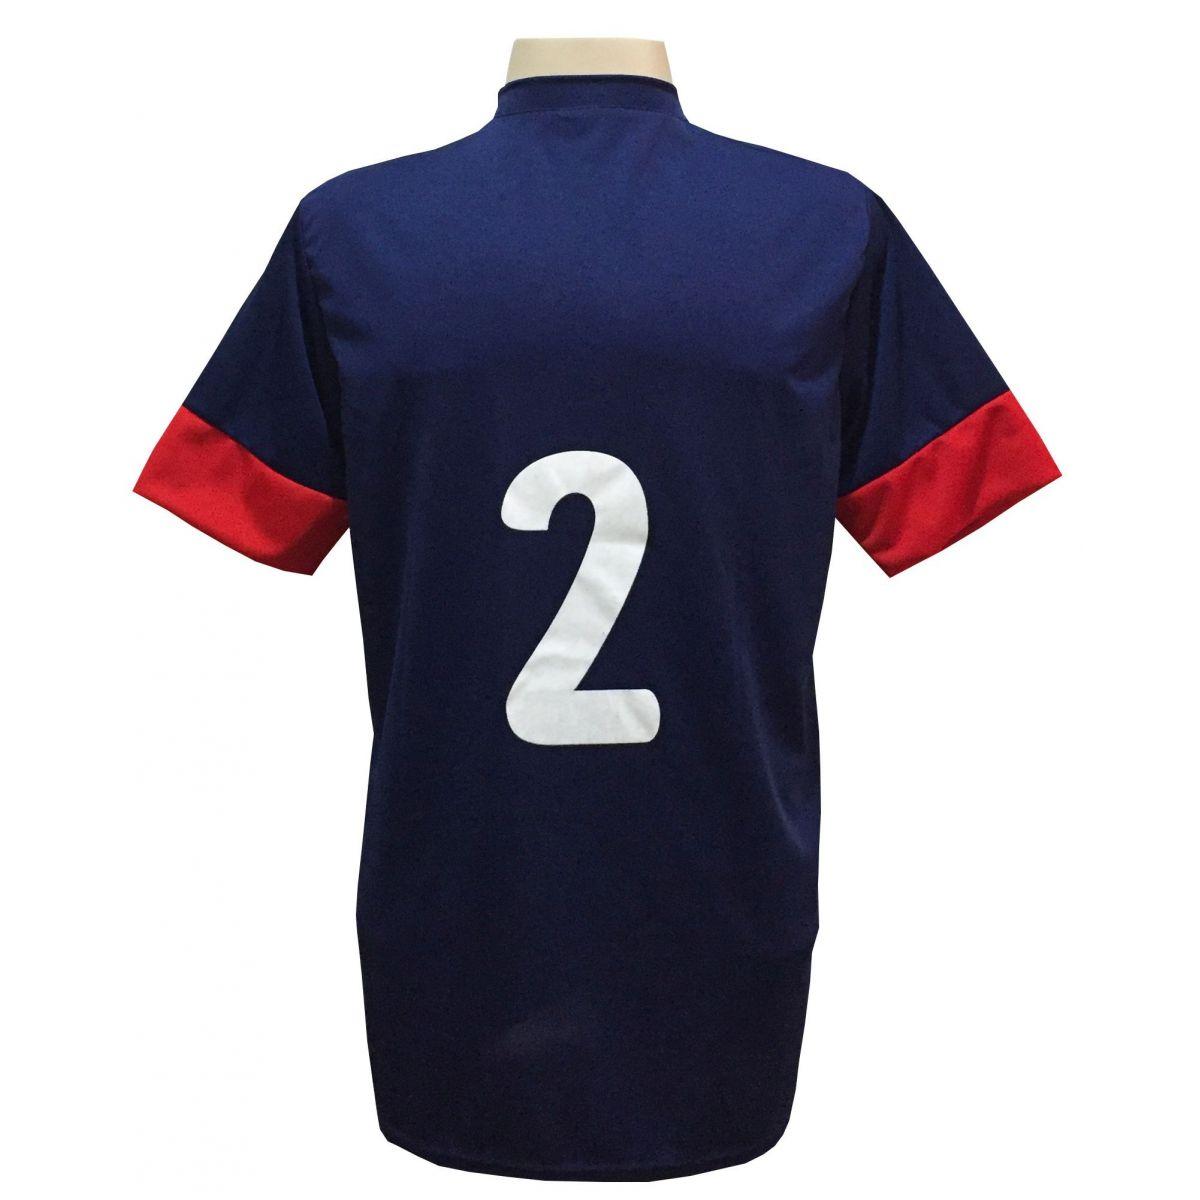 Uniforme Esportivo com 18 camisas modelo Columbus Marinho/Vermelho + 18 calções modelo Madrid Vermelho + Brindes